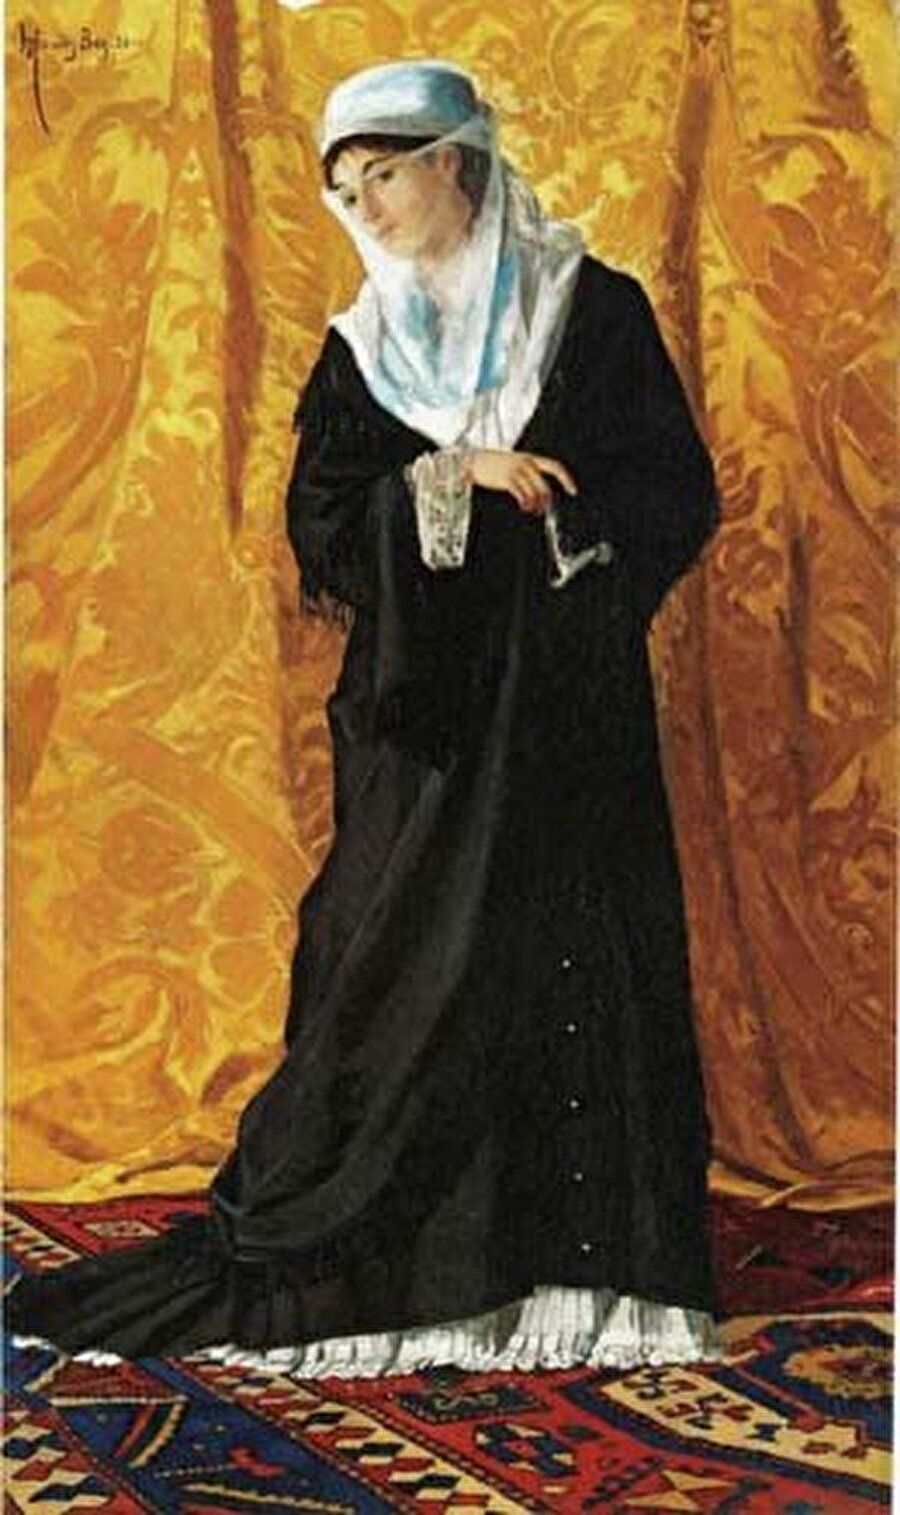 Osman Hamdi Bey - İstanbul Hanımefendisi                                       Son Osmanlı Sadrazamı İbrahim Ethem Paşa'nın oğlu olan Osman Hamdi'nin bu eserindeki kadının kim olduğu bilinmiyor olsa da Osmanlı hanedanından biri olduğu tahmin ediliyor. Tam boy birinin resmedilmesi ve Batı'dan ziyade Doğu'yu yani kendi toplumundan birini resmetmesi önem taşıyor.